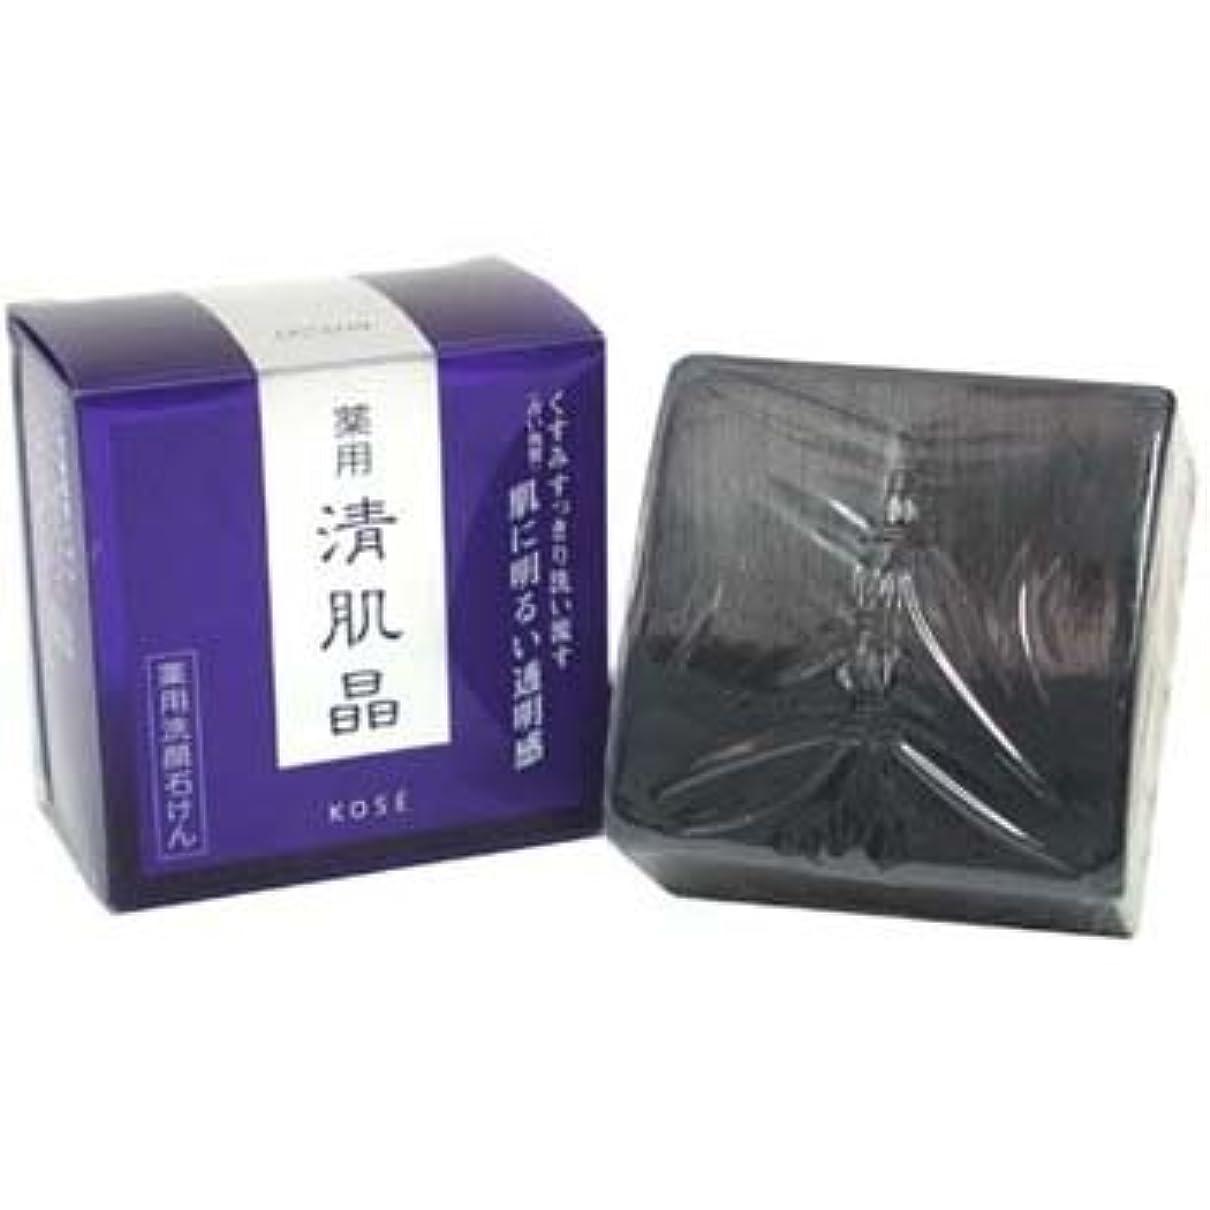 リーフレットペルー八コーセー 薬用清肌晶 ソープ(リフィル) 120g [並行輸入品][海外直送品]